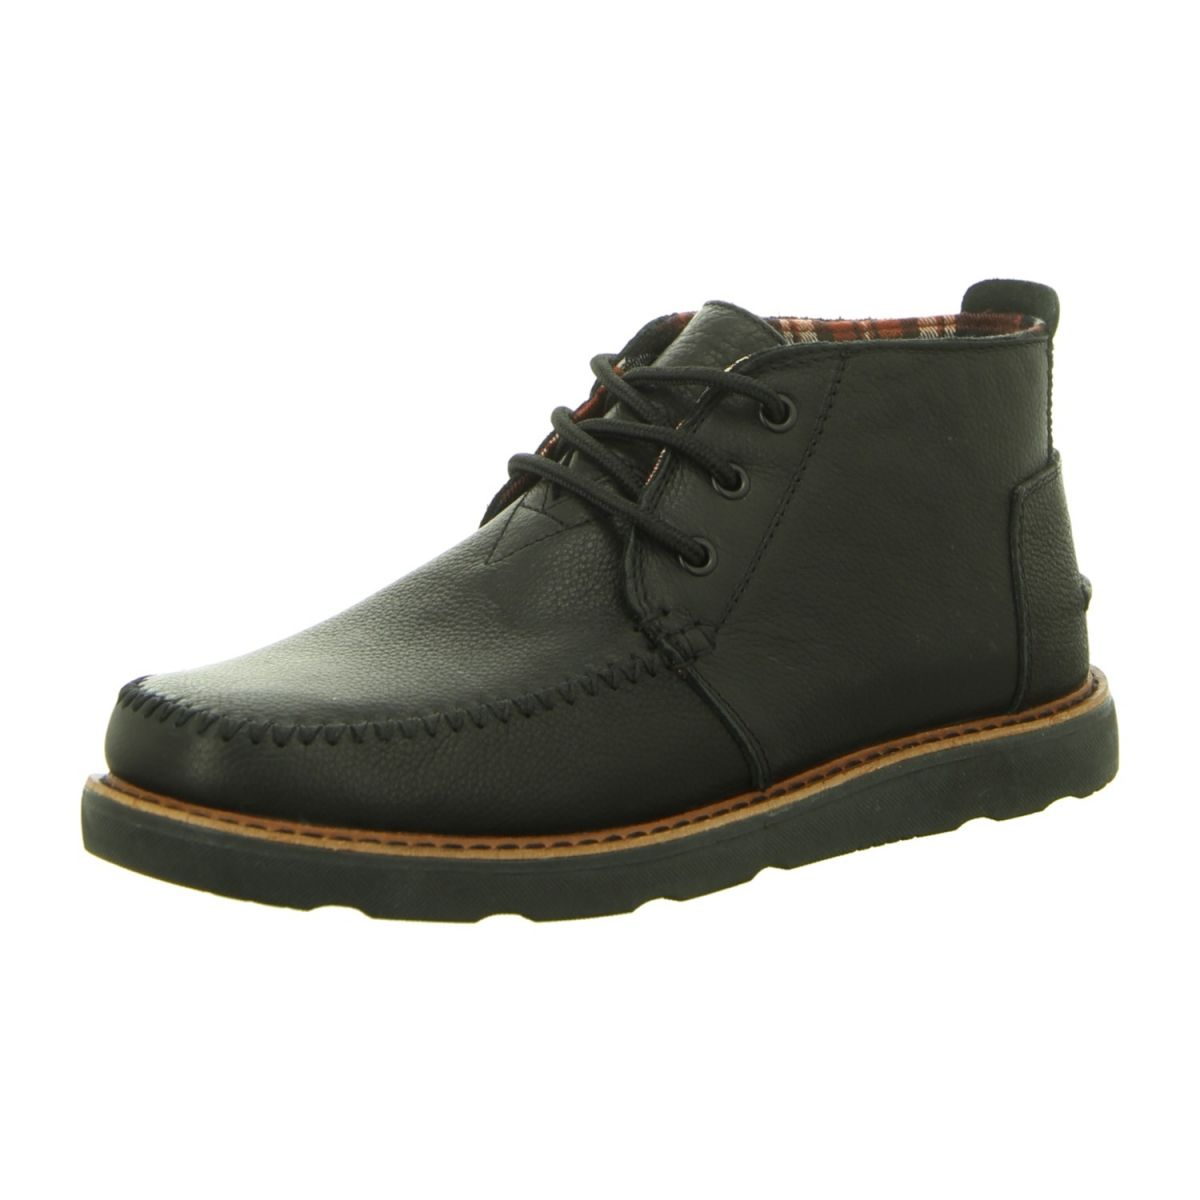 Neu Toms Stiefeletten Schnürer Chukkaboot 10006537 Black Schuhe Damen Schuhe Stiefeletten